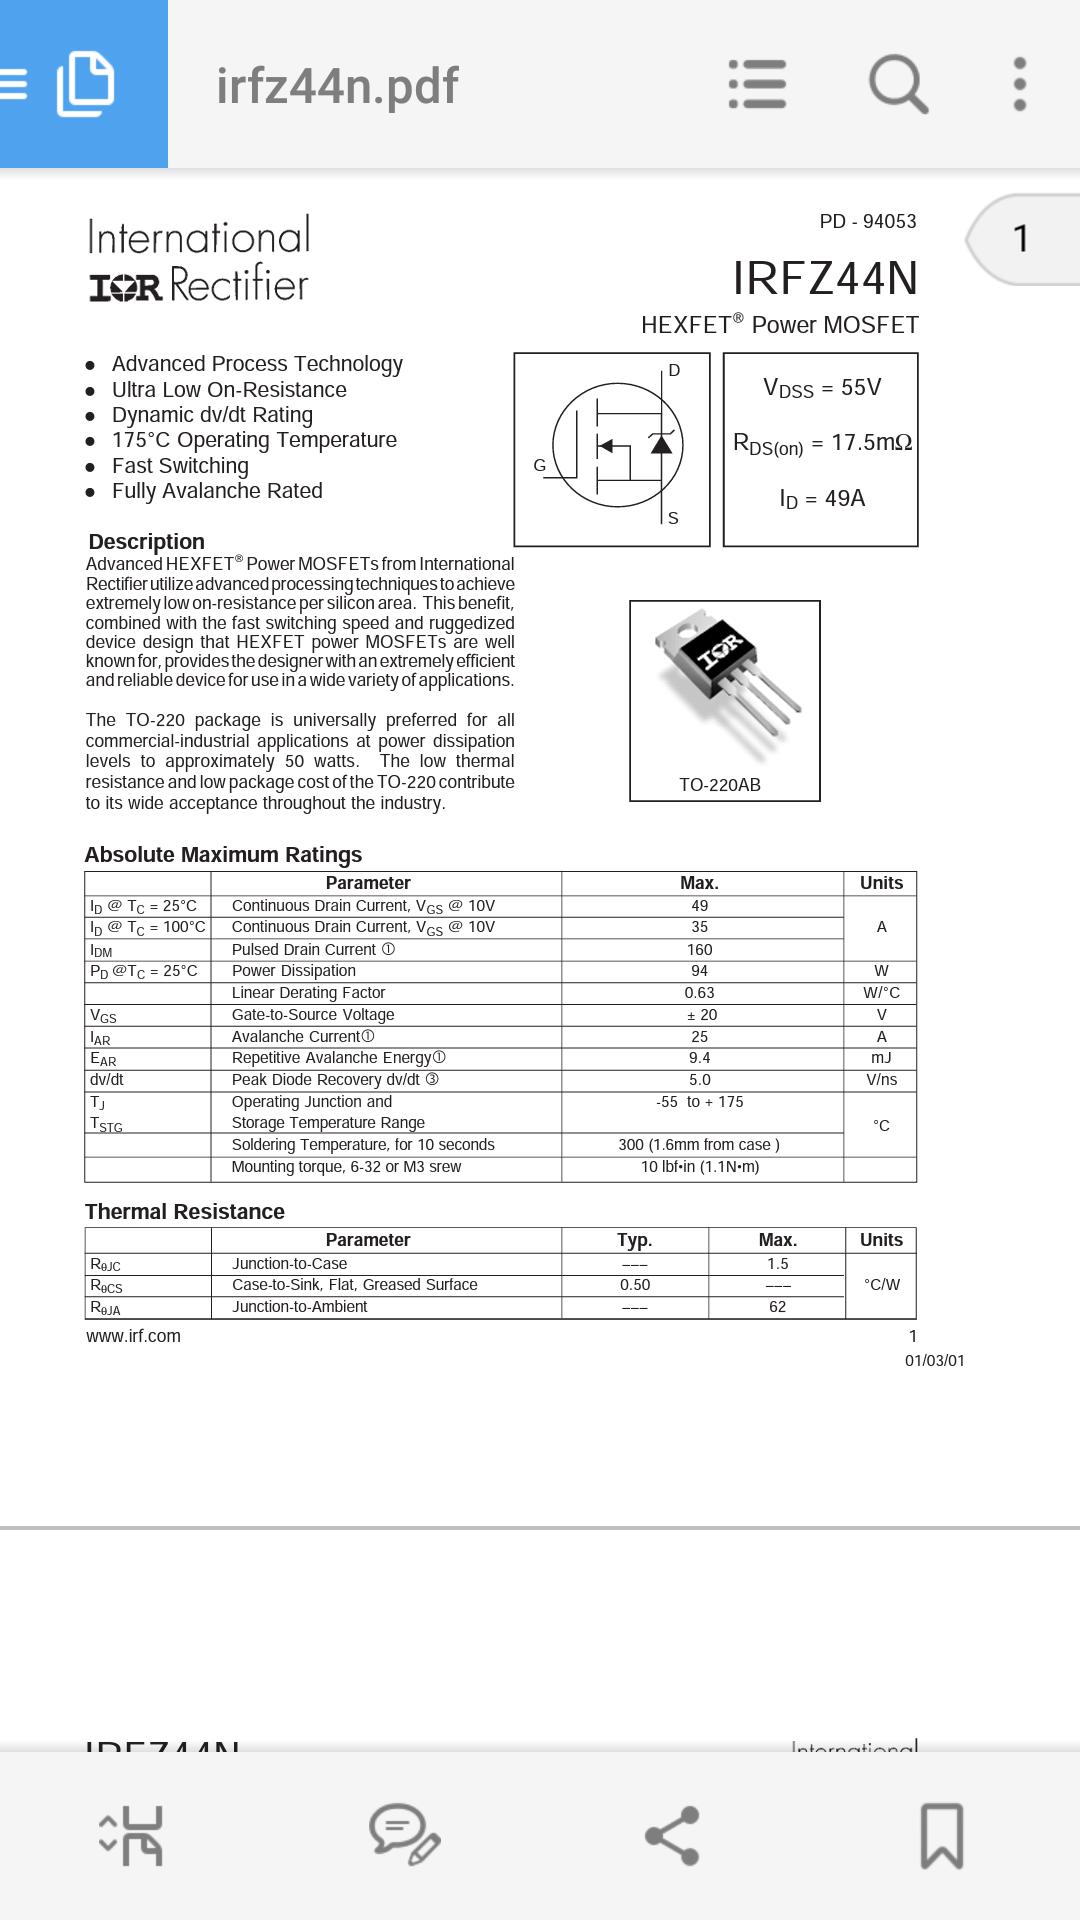 Fantastisch 10 3 Draht Ampere Rating Bilder - Die Besten ...